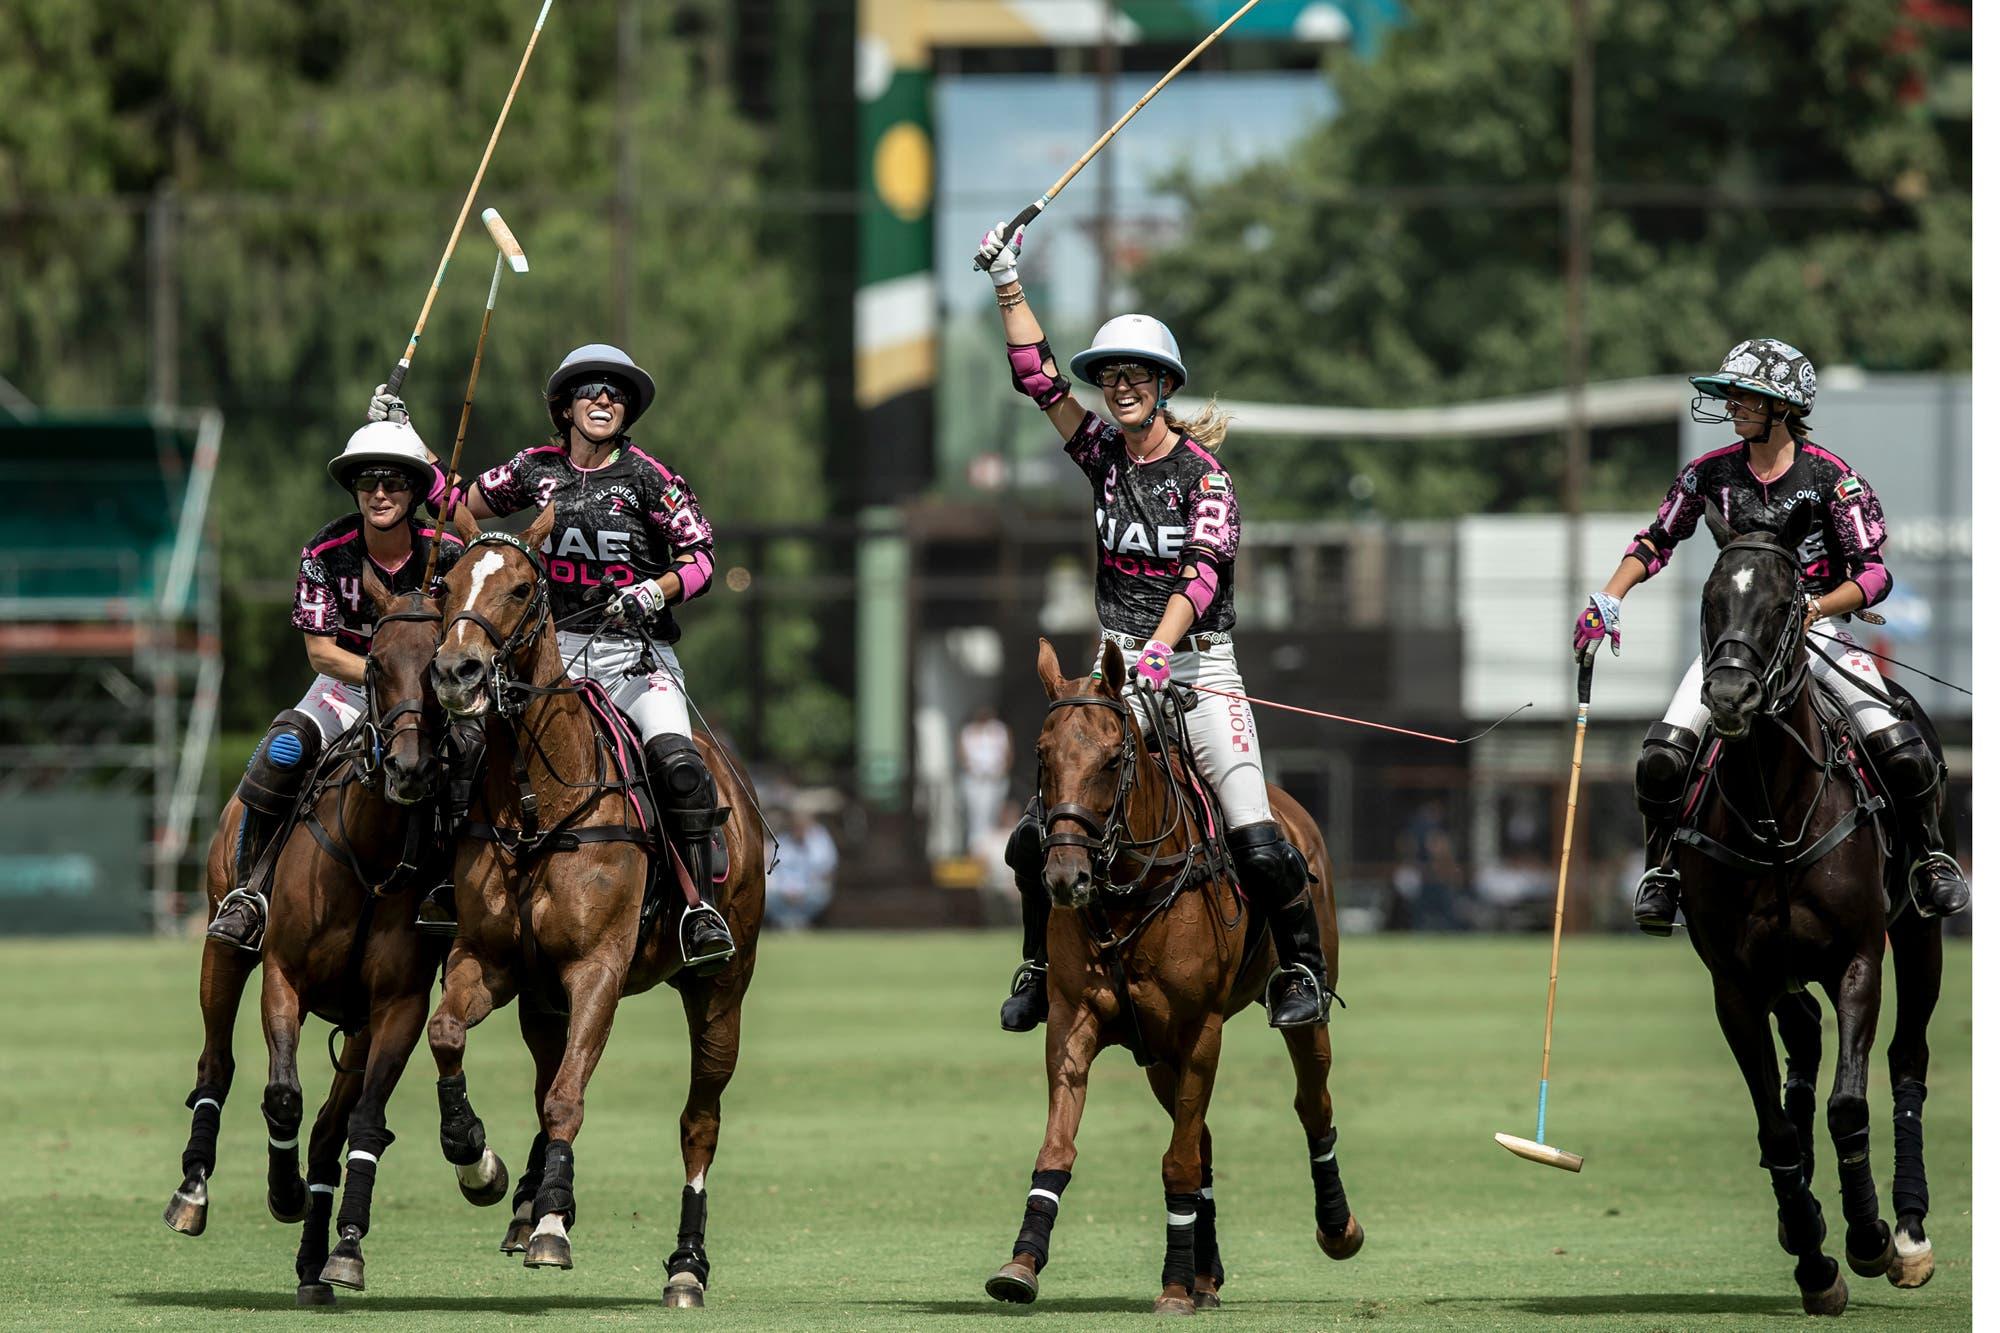 ¡Campeonas de Palermo! Las chicas de El Overo se consagraron frente a La Dolfina Brava e hicieron historia